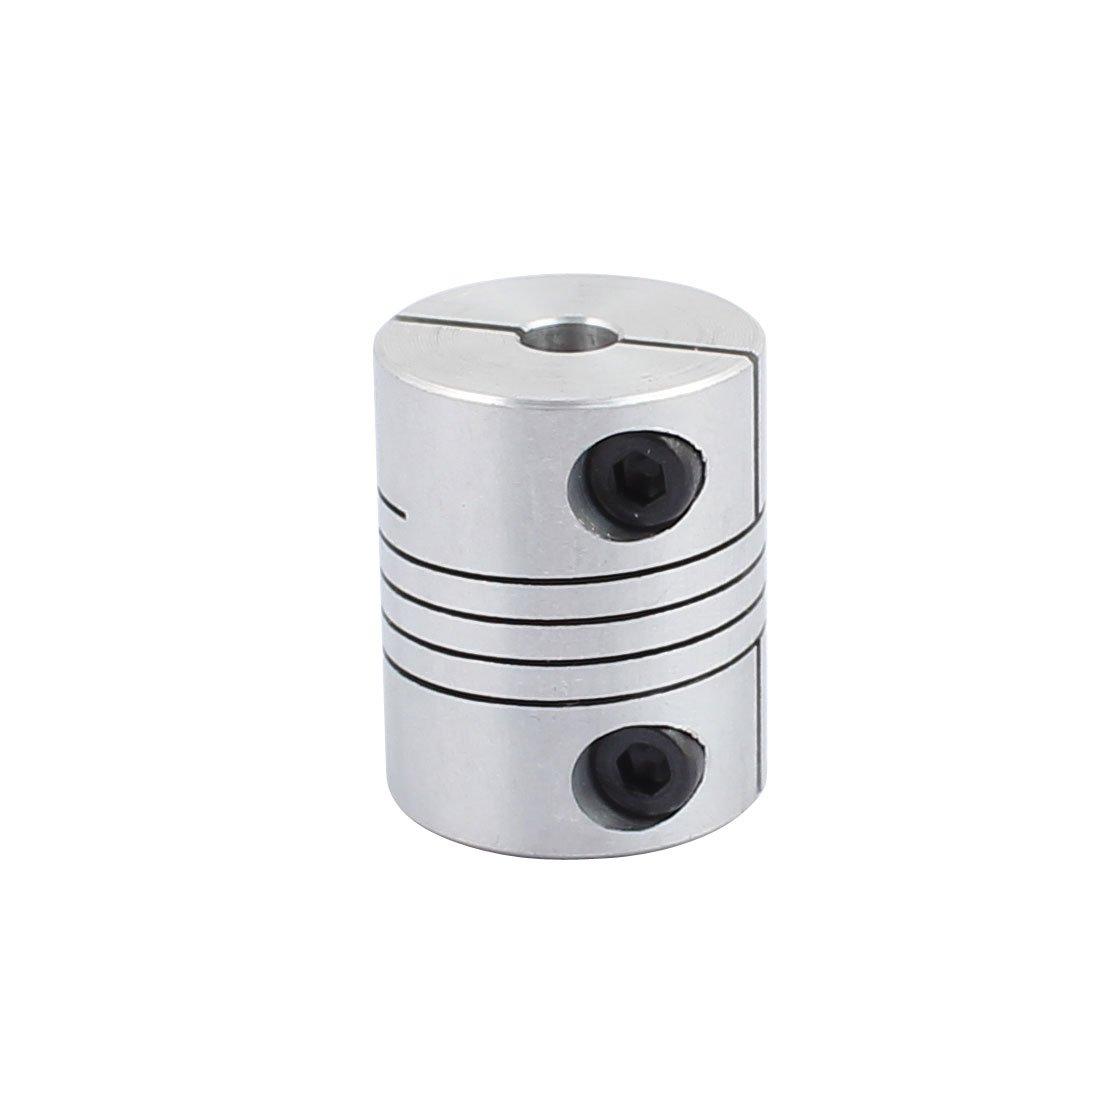 5 x 3.8mm COBALT JOBBER DRILL HEAVY DUTY HSSCo8 EUROPA OSBORN 8207020380  P189